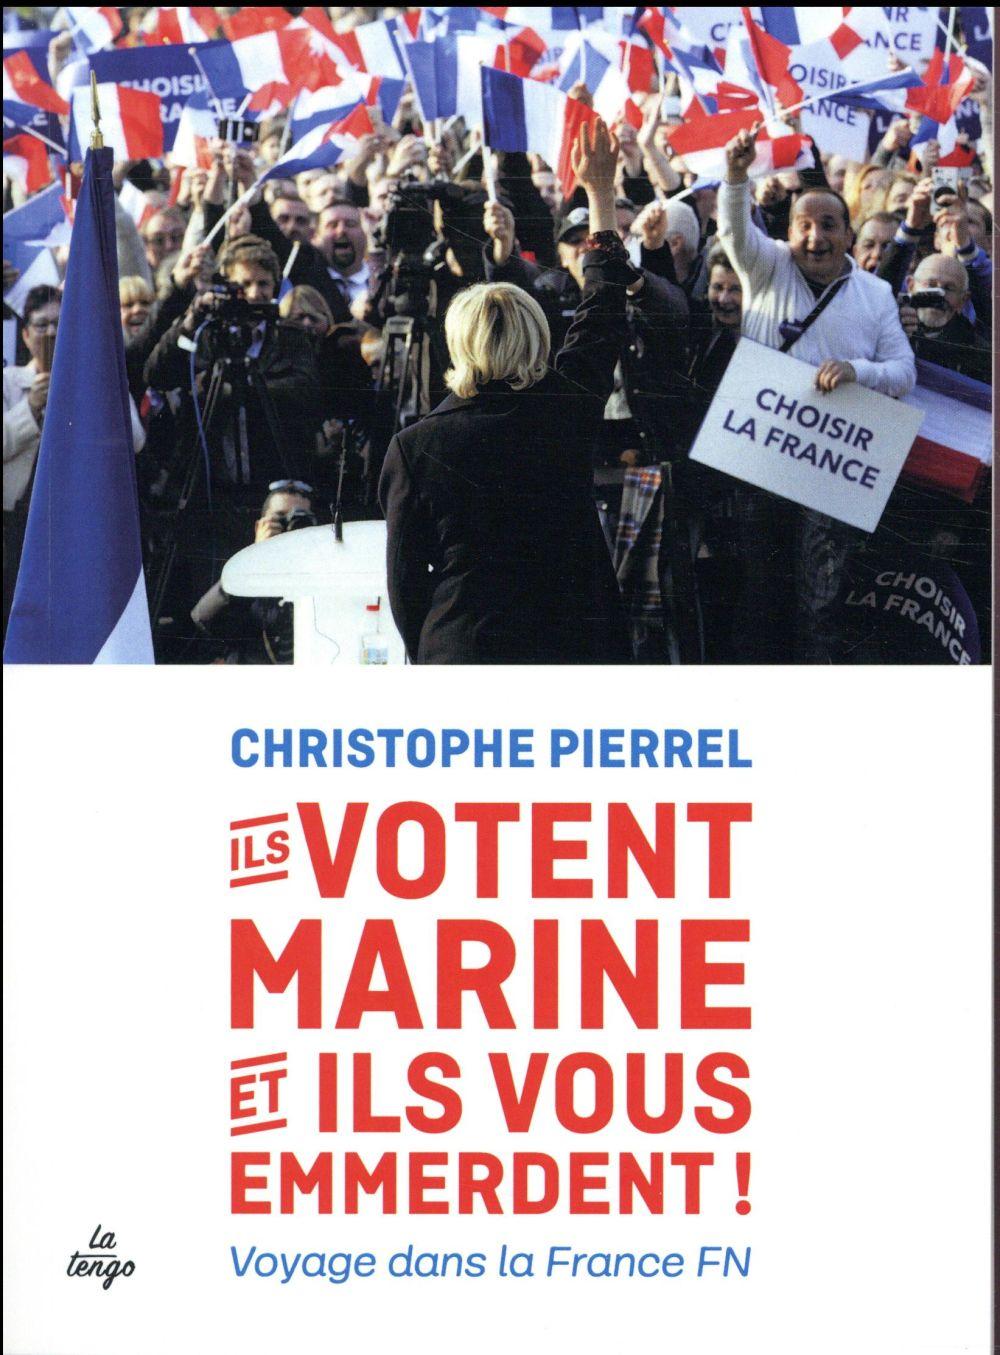 Ils votent Marine et ils vous emmerdent ! voyage dans la France FN